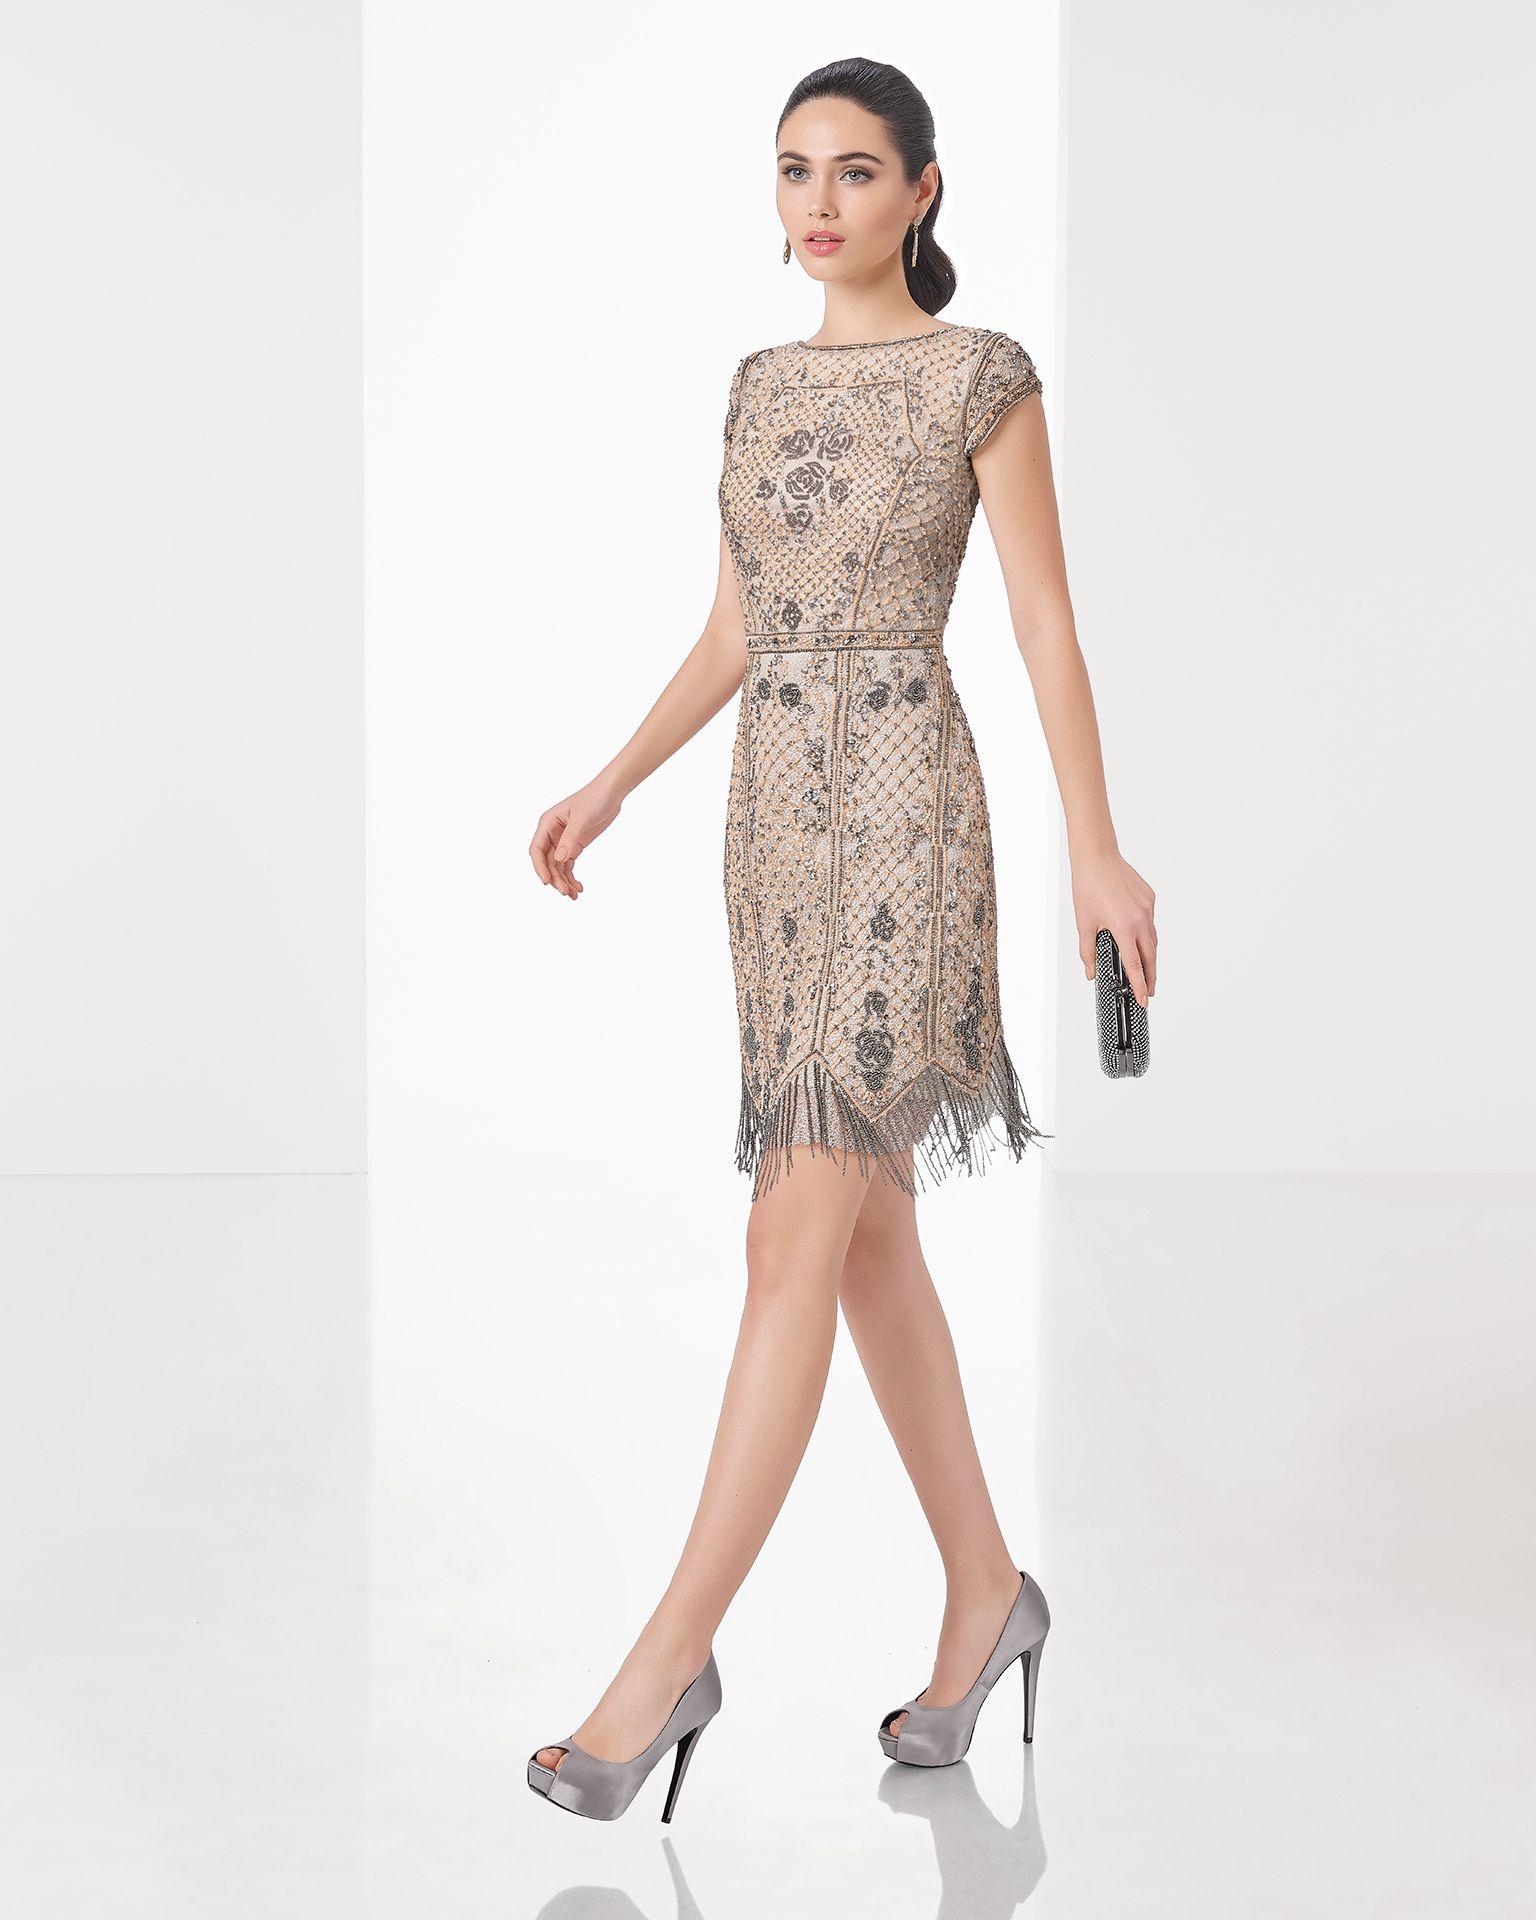 fecf9d083 Vestido de fiesta corto de pedrería sobre malla metálica con manga corta y  escote redondo